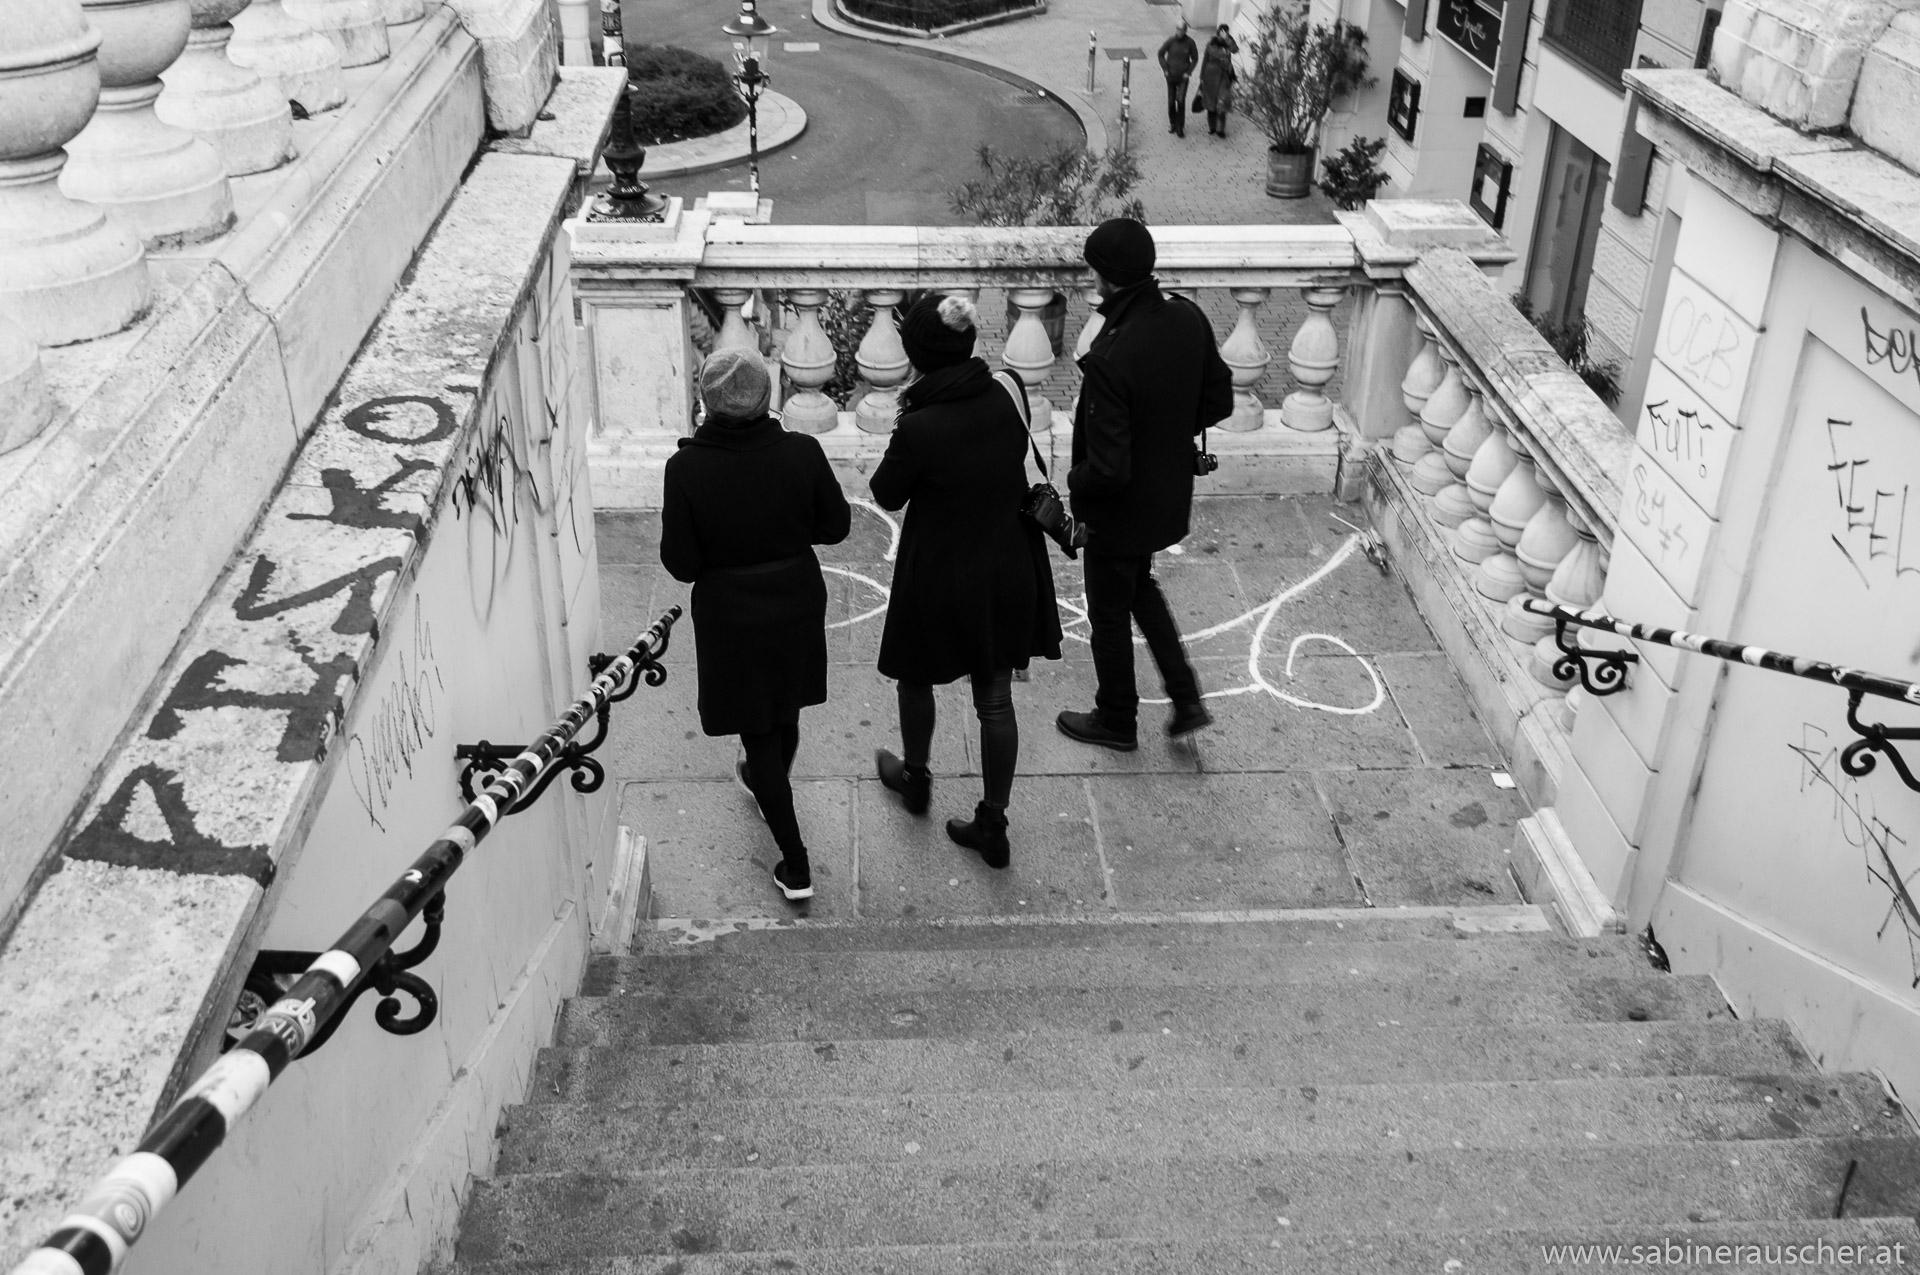 on a Winter day in Vienna | im Winter in Wien